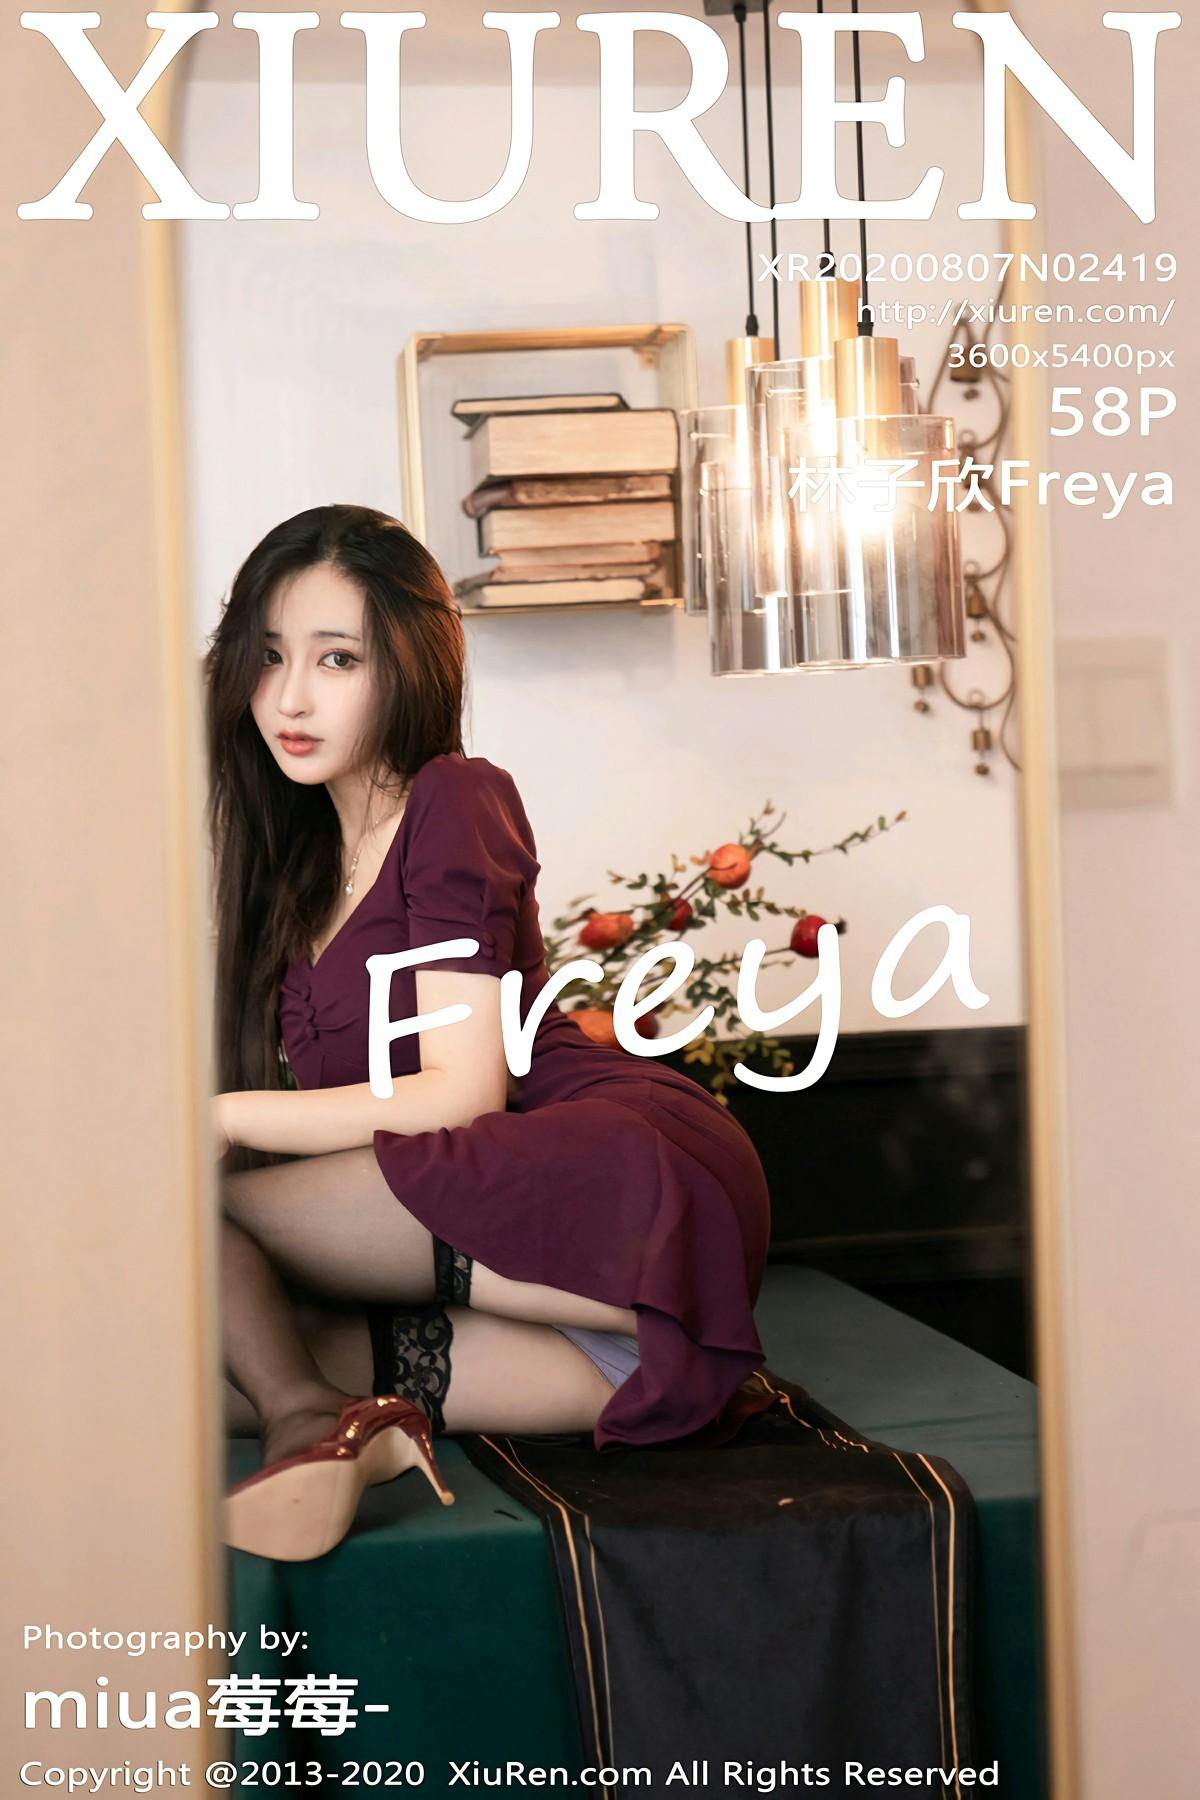 [XiuRen秀人网] 2020.08.07 No.2419 林子欣Freya 第1张